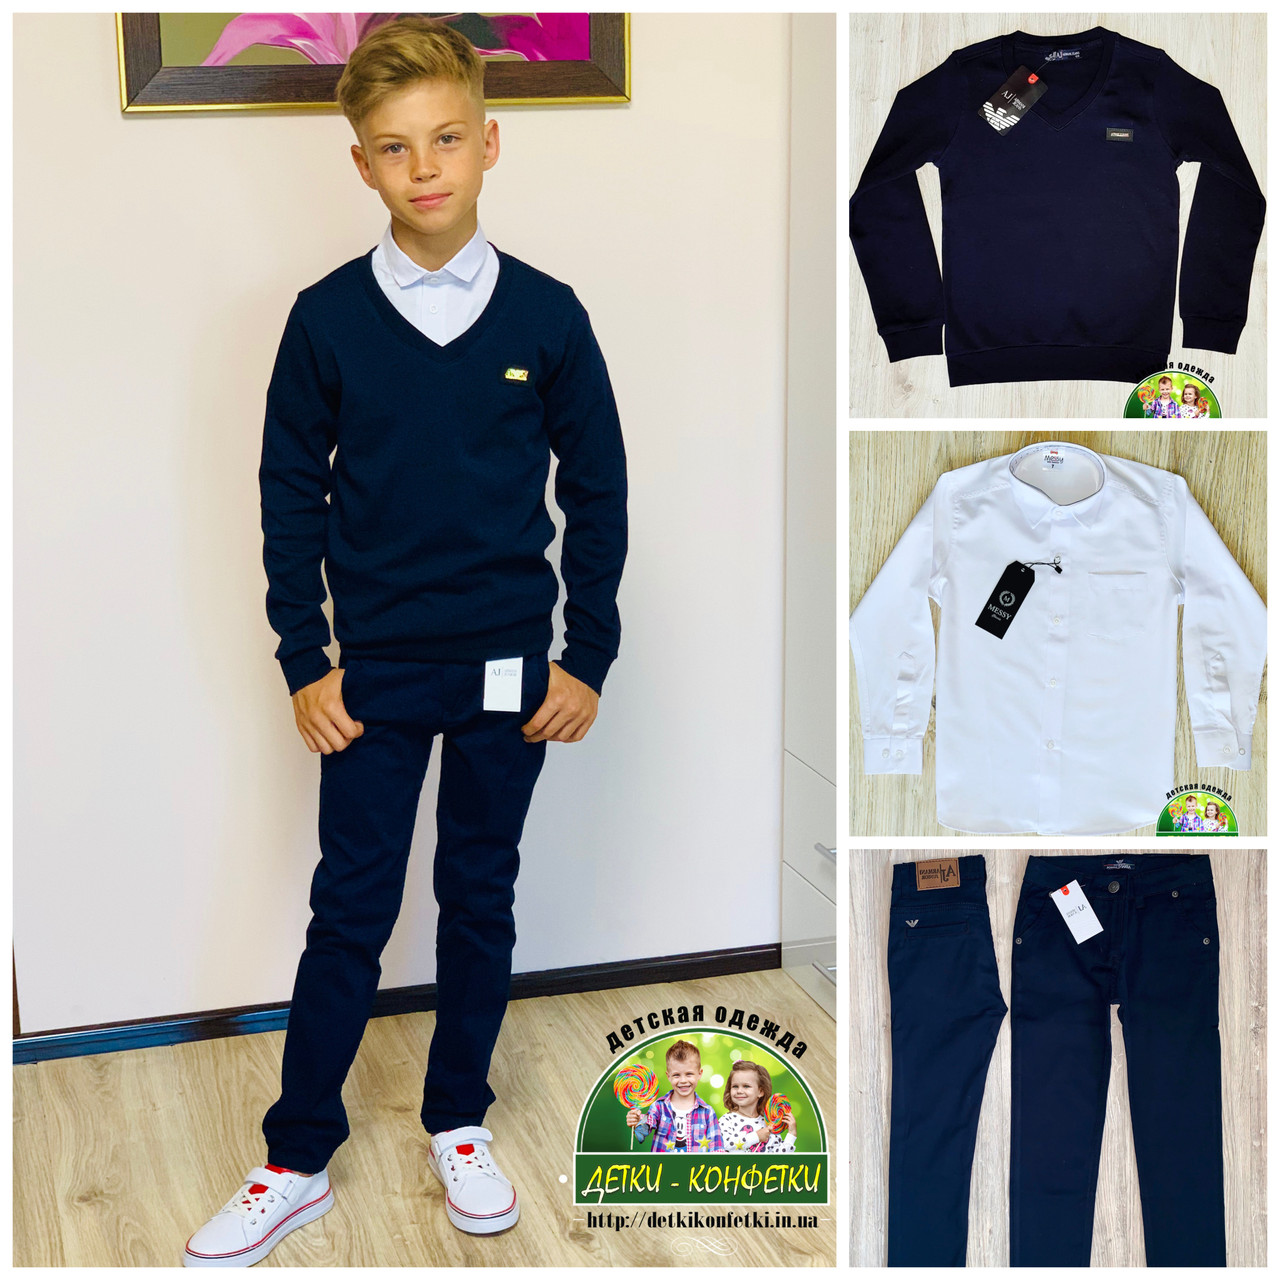 Пуловер Armani с V-образным вырезом для мальчика